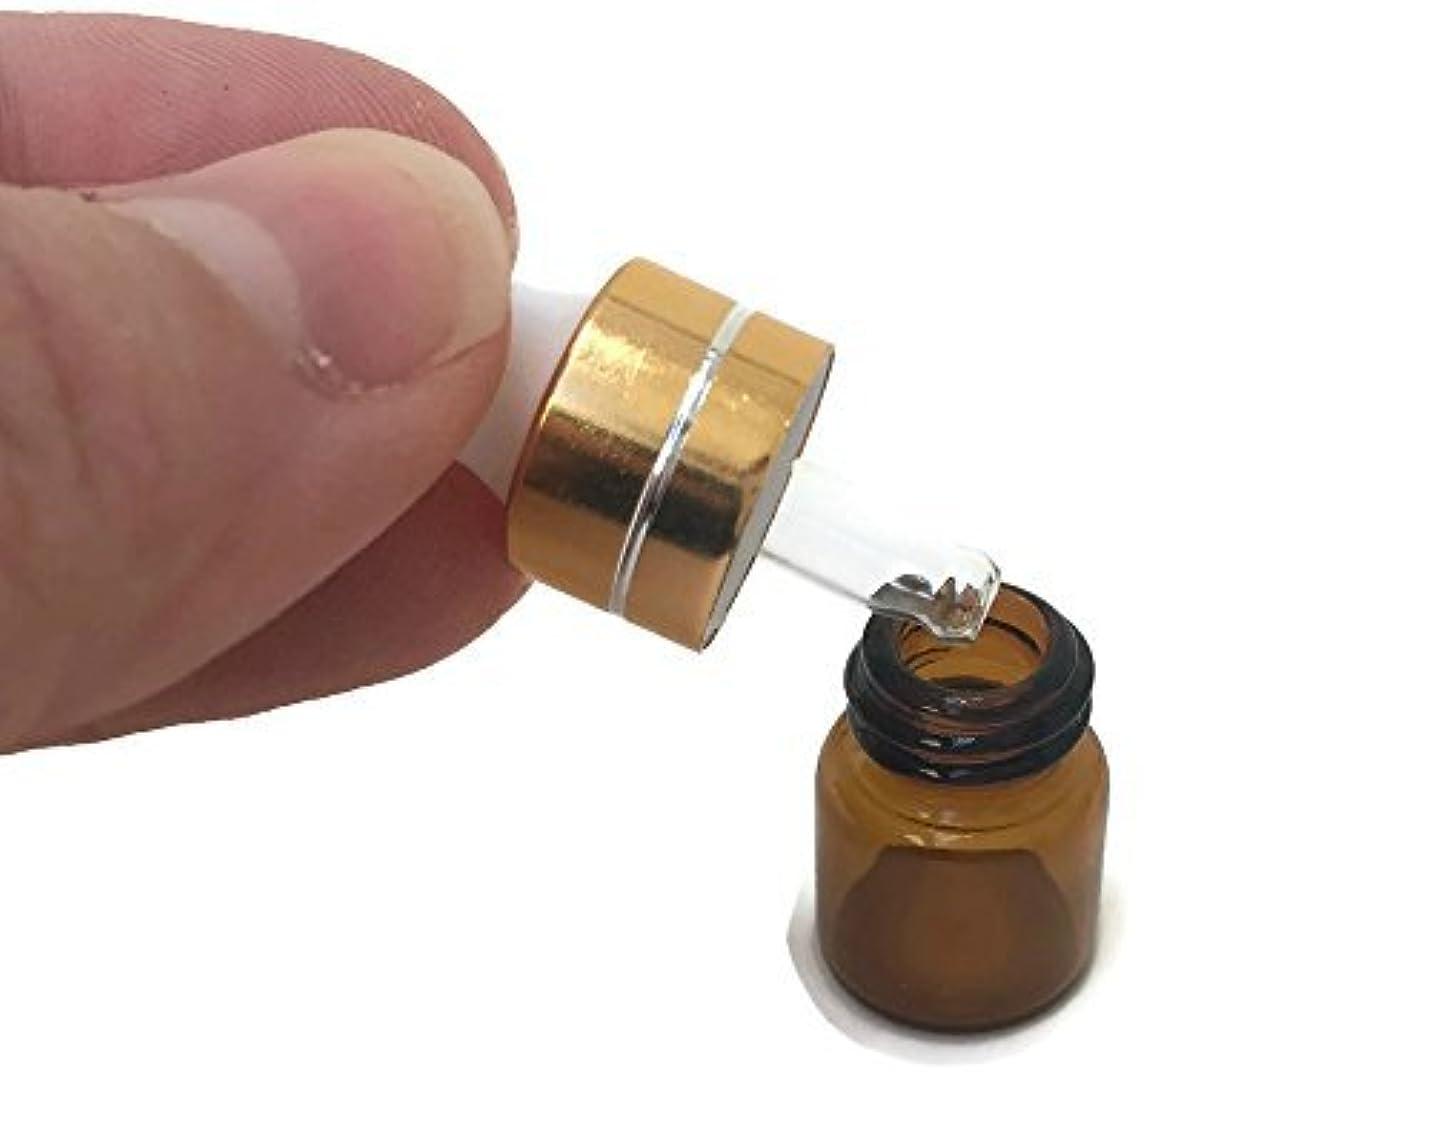 無視アドバイス名誉あるMiniature 1/4 Dram 1mL Glass Dropper Bottles for Essential Oils from. Amber Glass to Protect Sensitive Oils. Gold top is the perfect gift for any special occasion. (10 Pack) [並行輸入品]